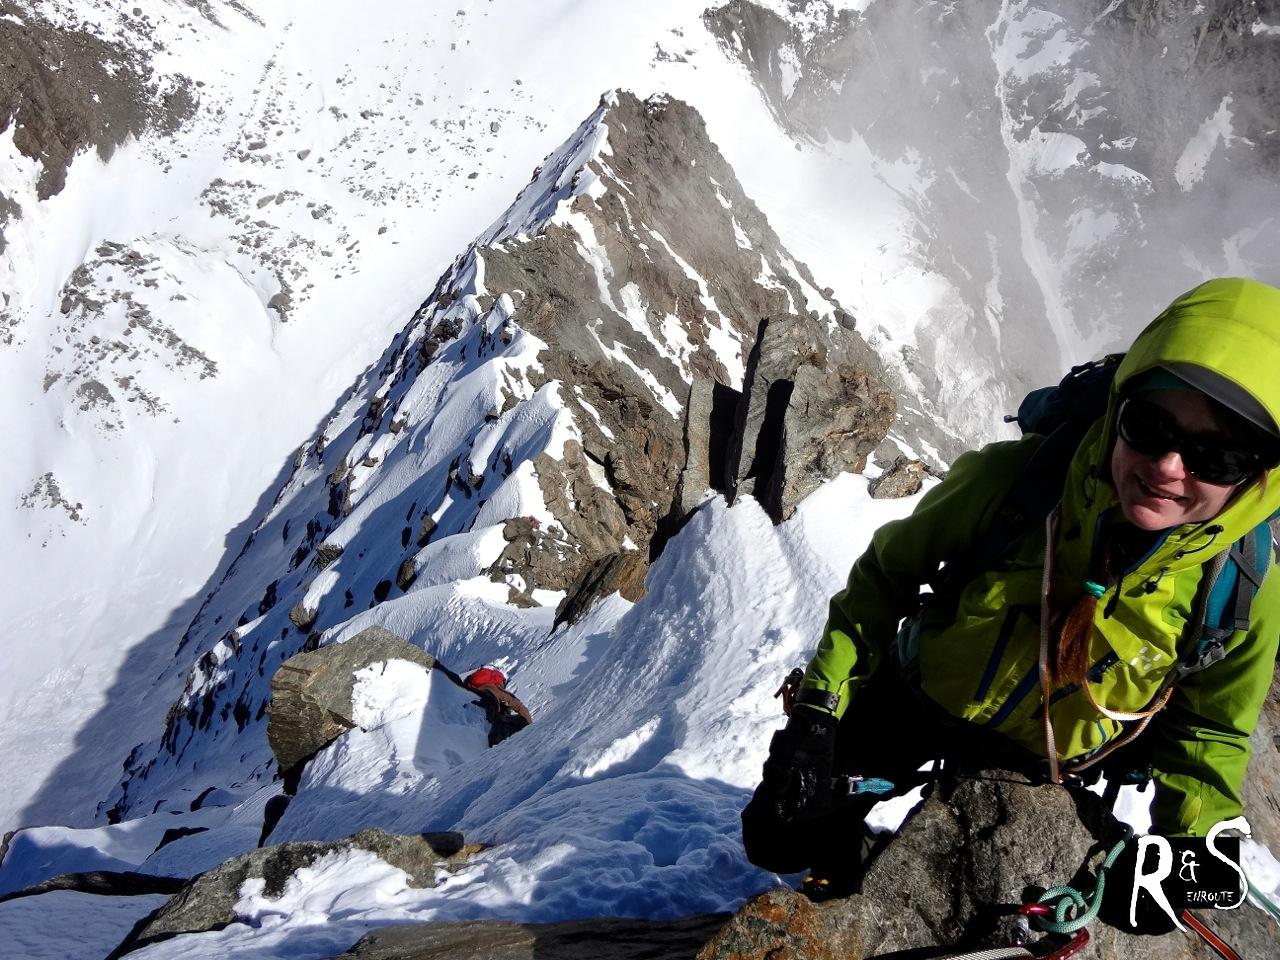 Blick auf die zurückgelegte Kletterei auf dem Nordgrat des Lagginhorns. Klicke um das Bild in einem neuen Fenster zu vergrössern.